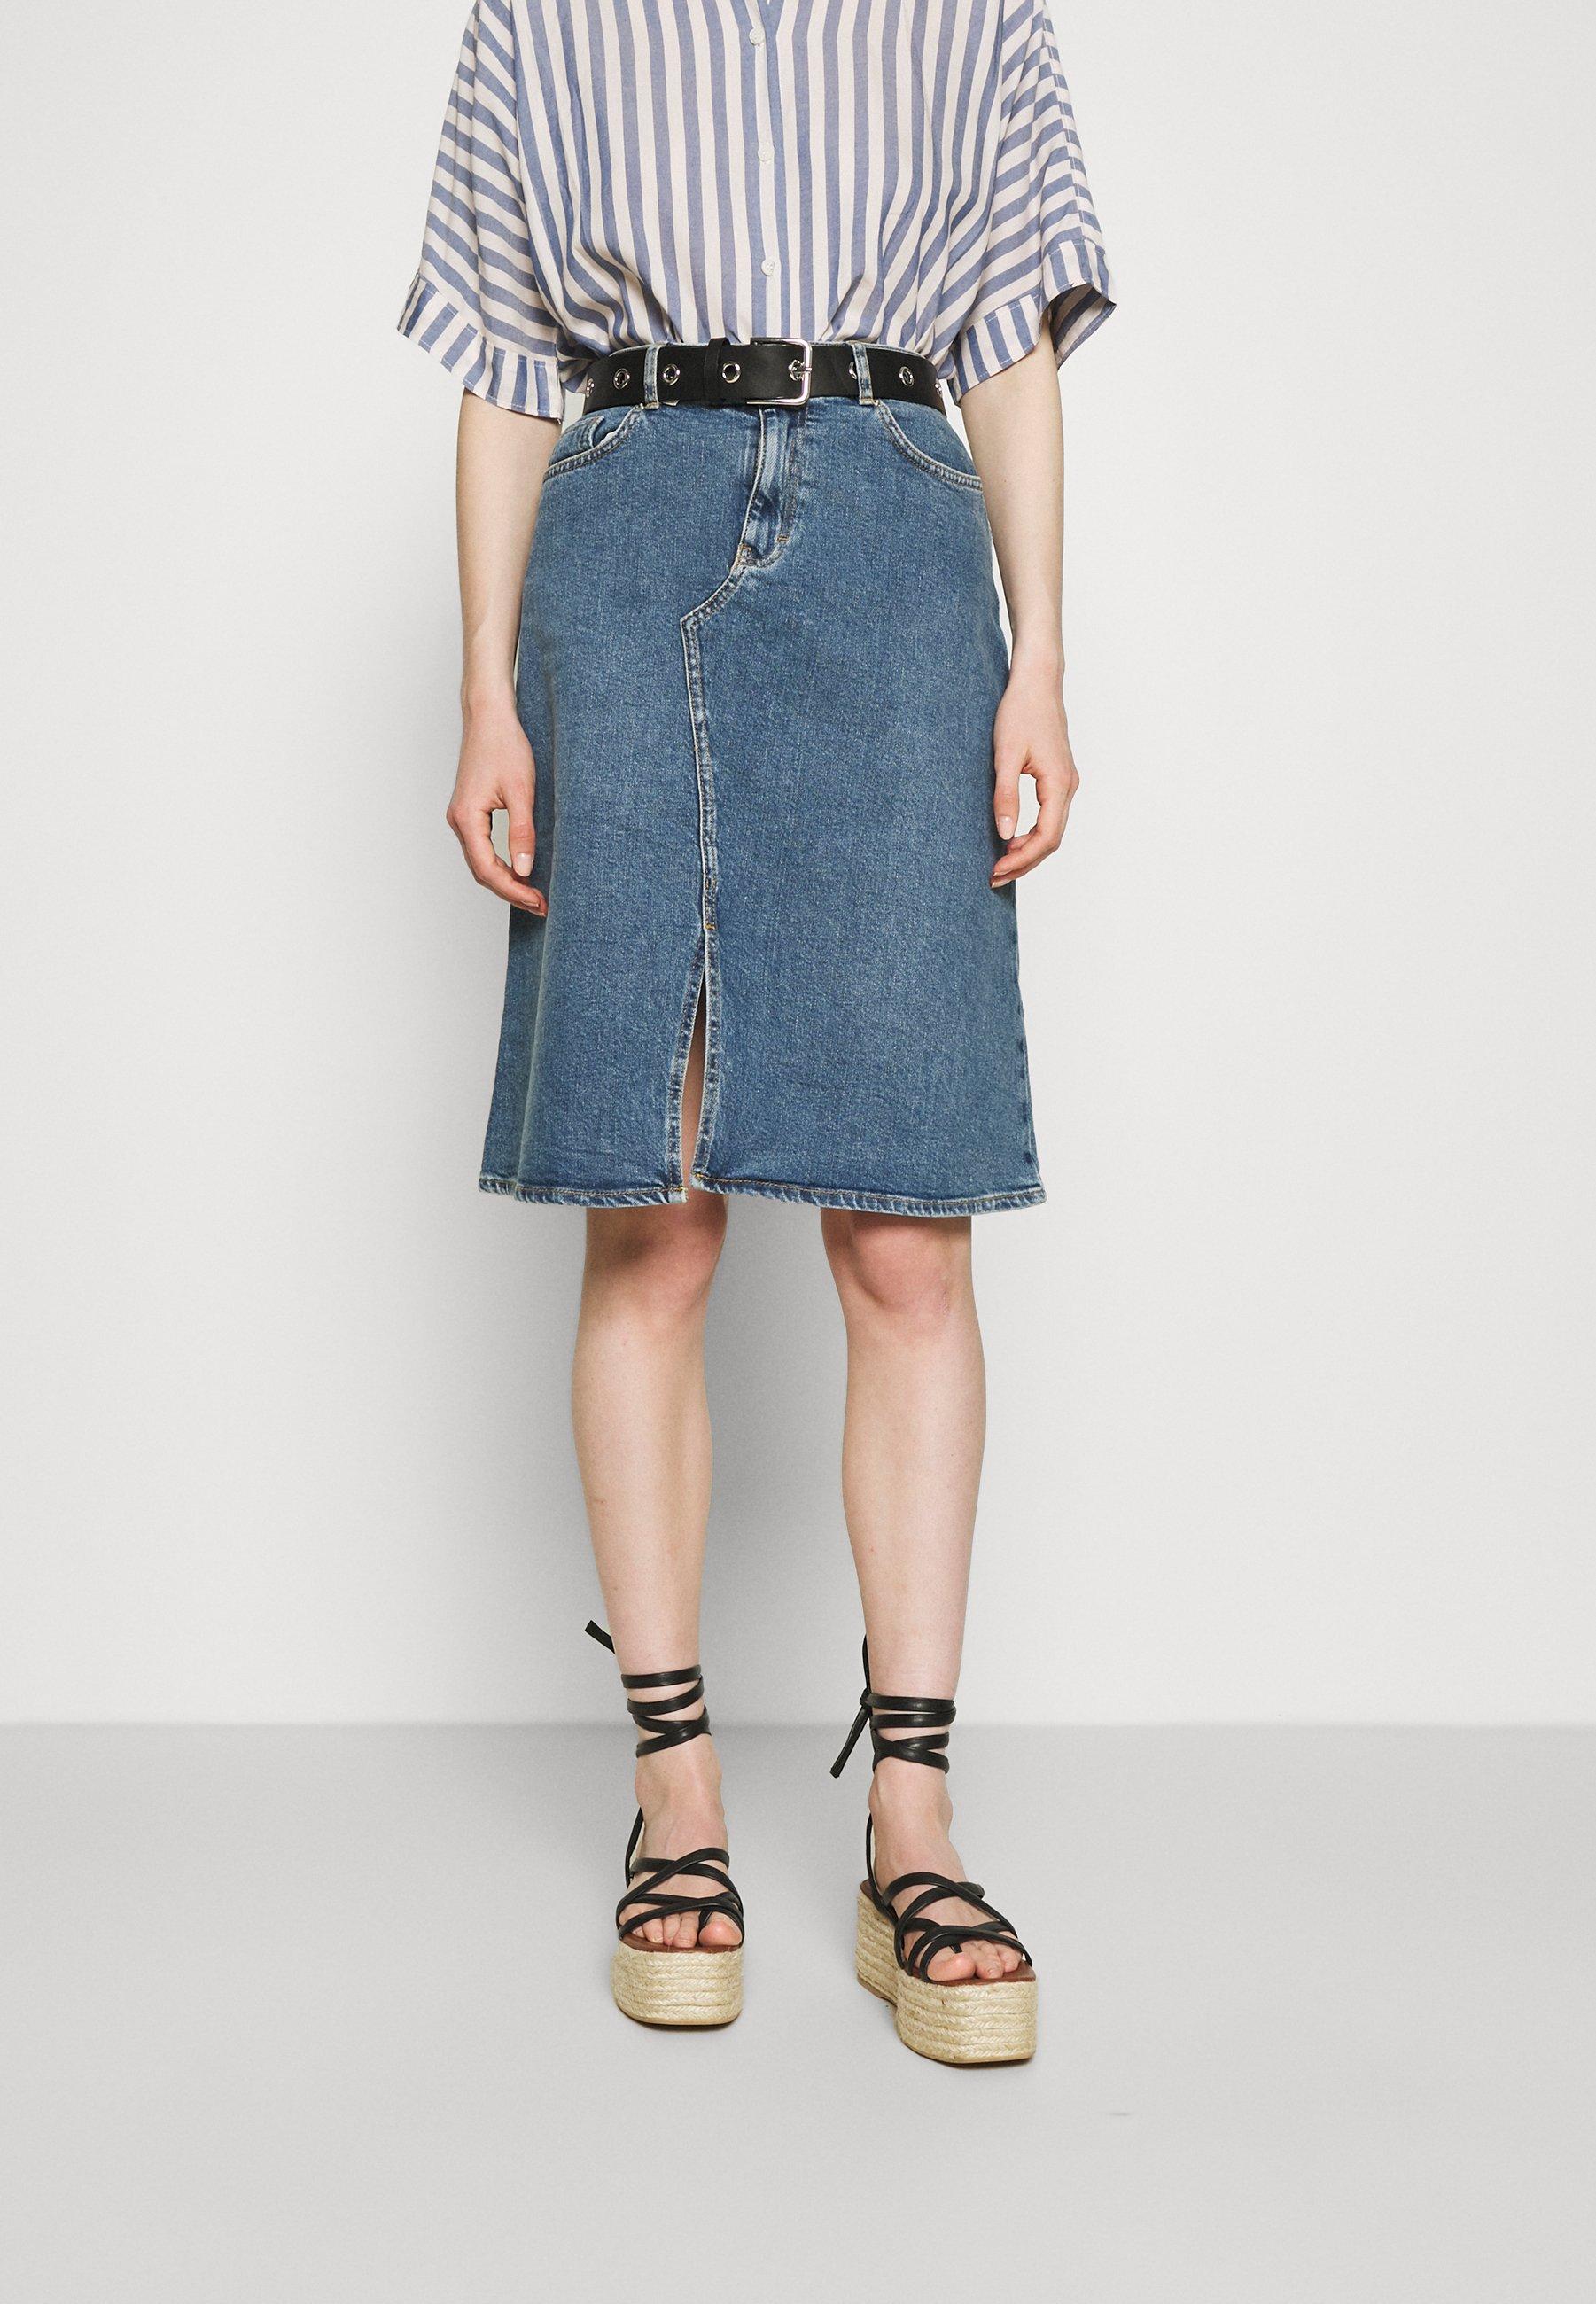 Femme SKIRT HOUSTON - Jupe en jean - denim blue